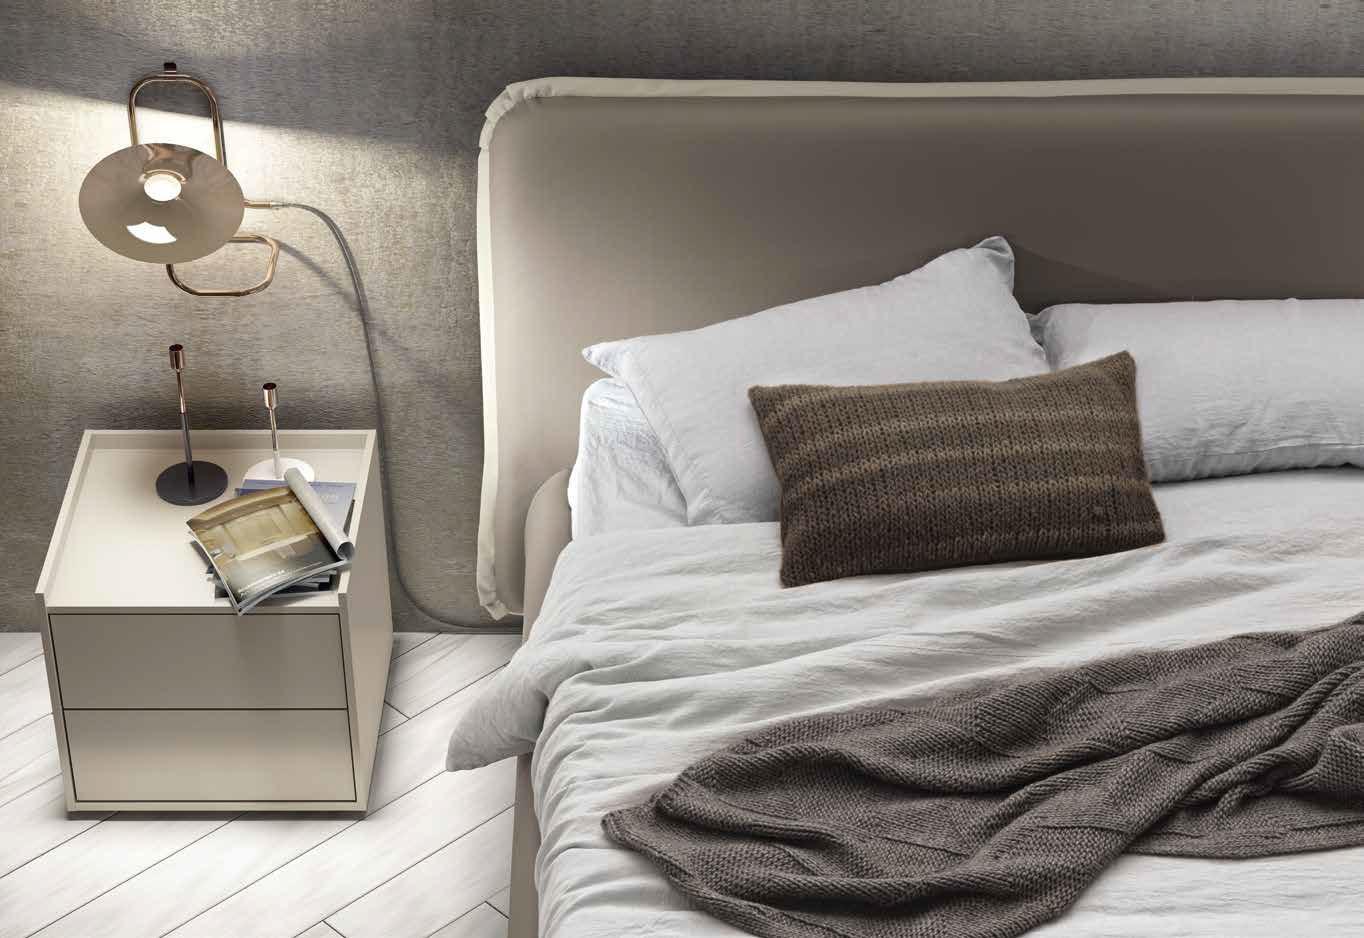 Idee Camere Da Letto Moderne conversano arredamenti | camera da letto e cucina: idee per